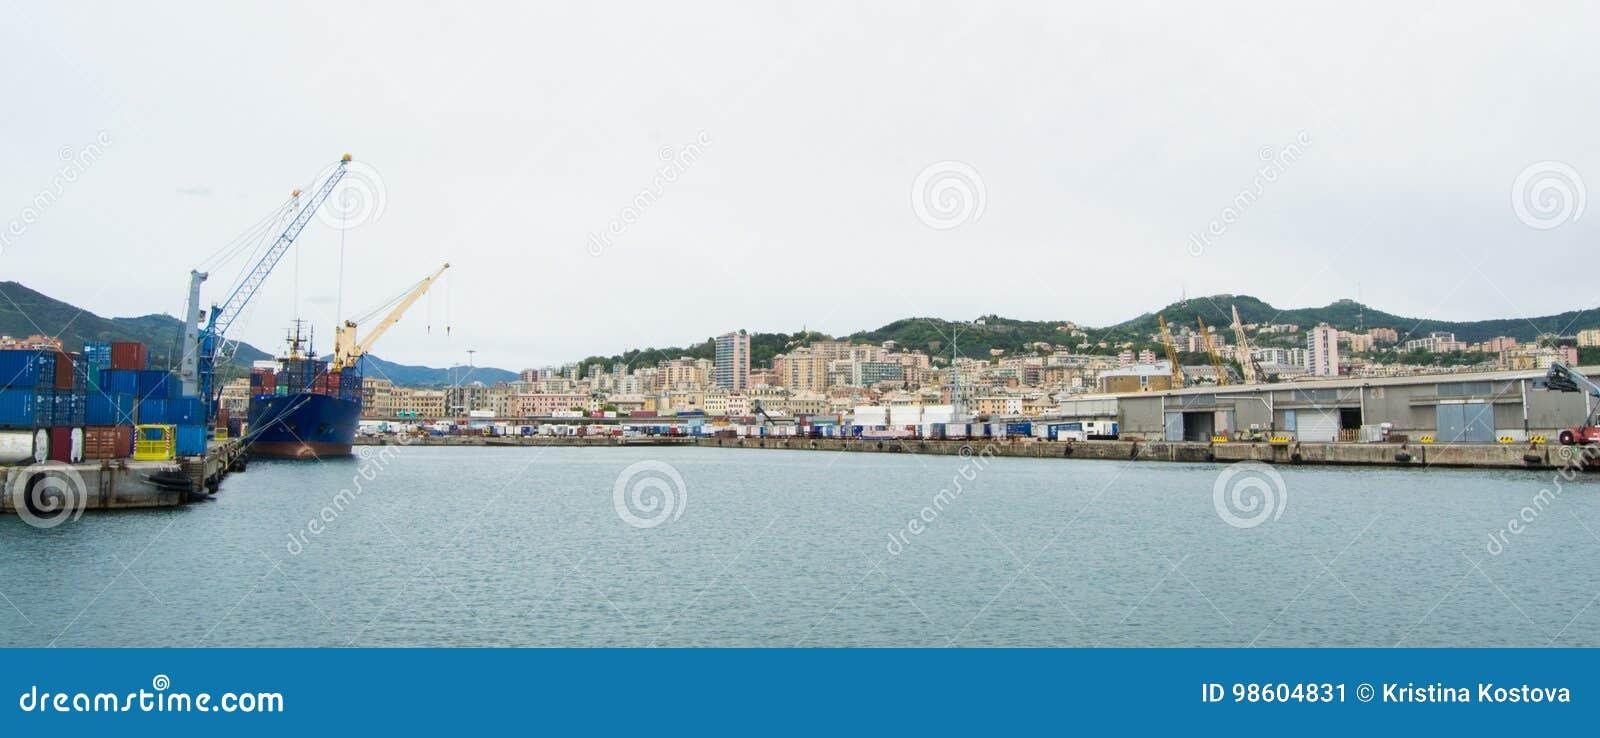 Den industriella sidan av hamnen i Genua, Italien